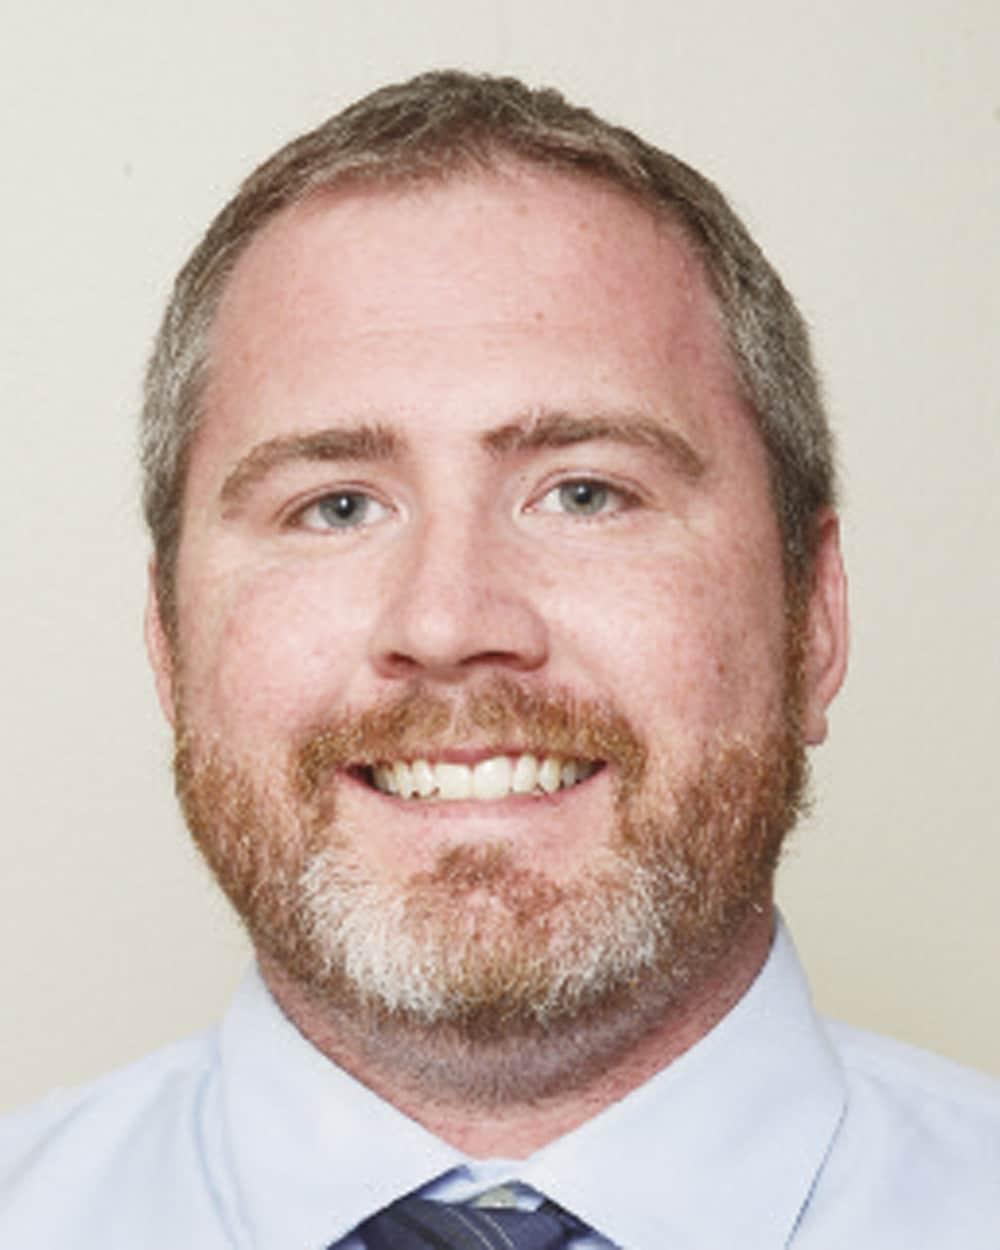 james scribner md - Fort Worth EM Residency Program